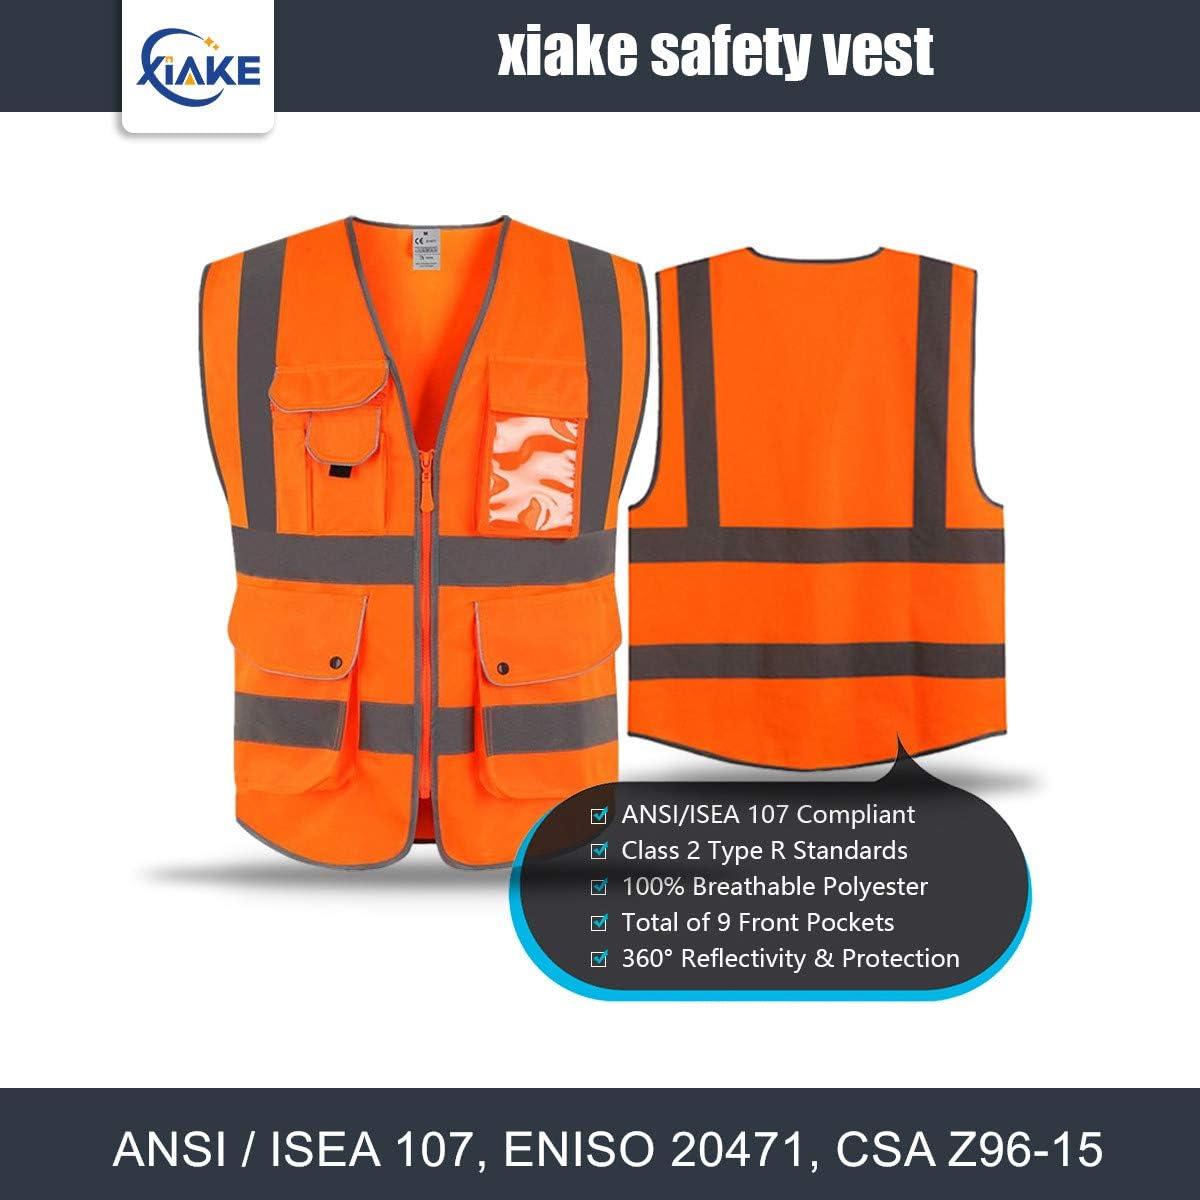 Gilet di sicurezza catarifrangente XIAKE giallo classe 2 con 9 tasche e cerniera frontale standard ANSI//ISEA